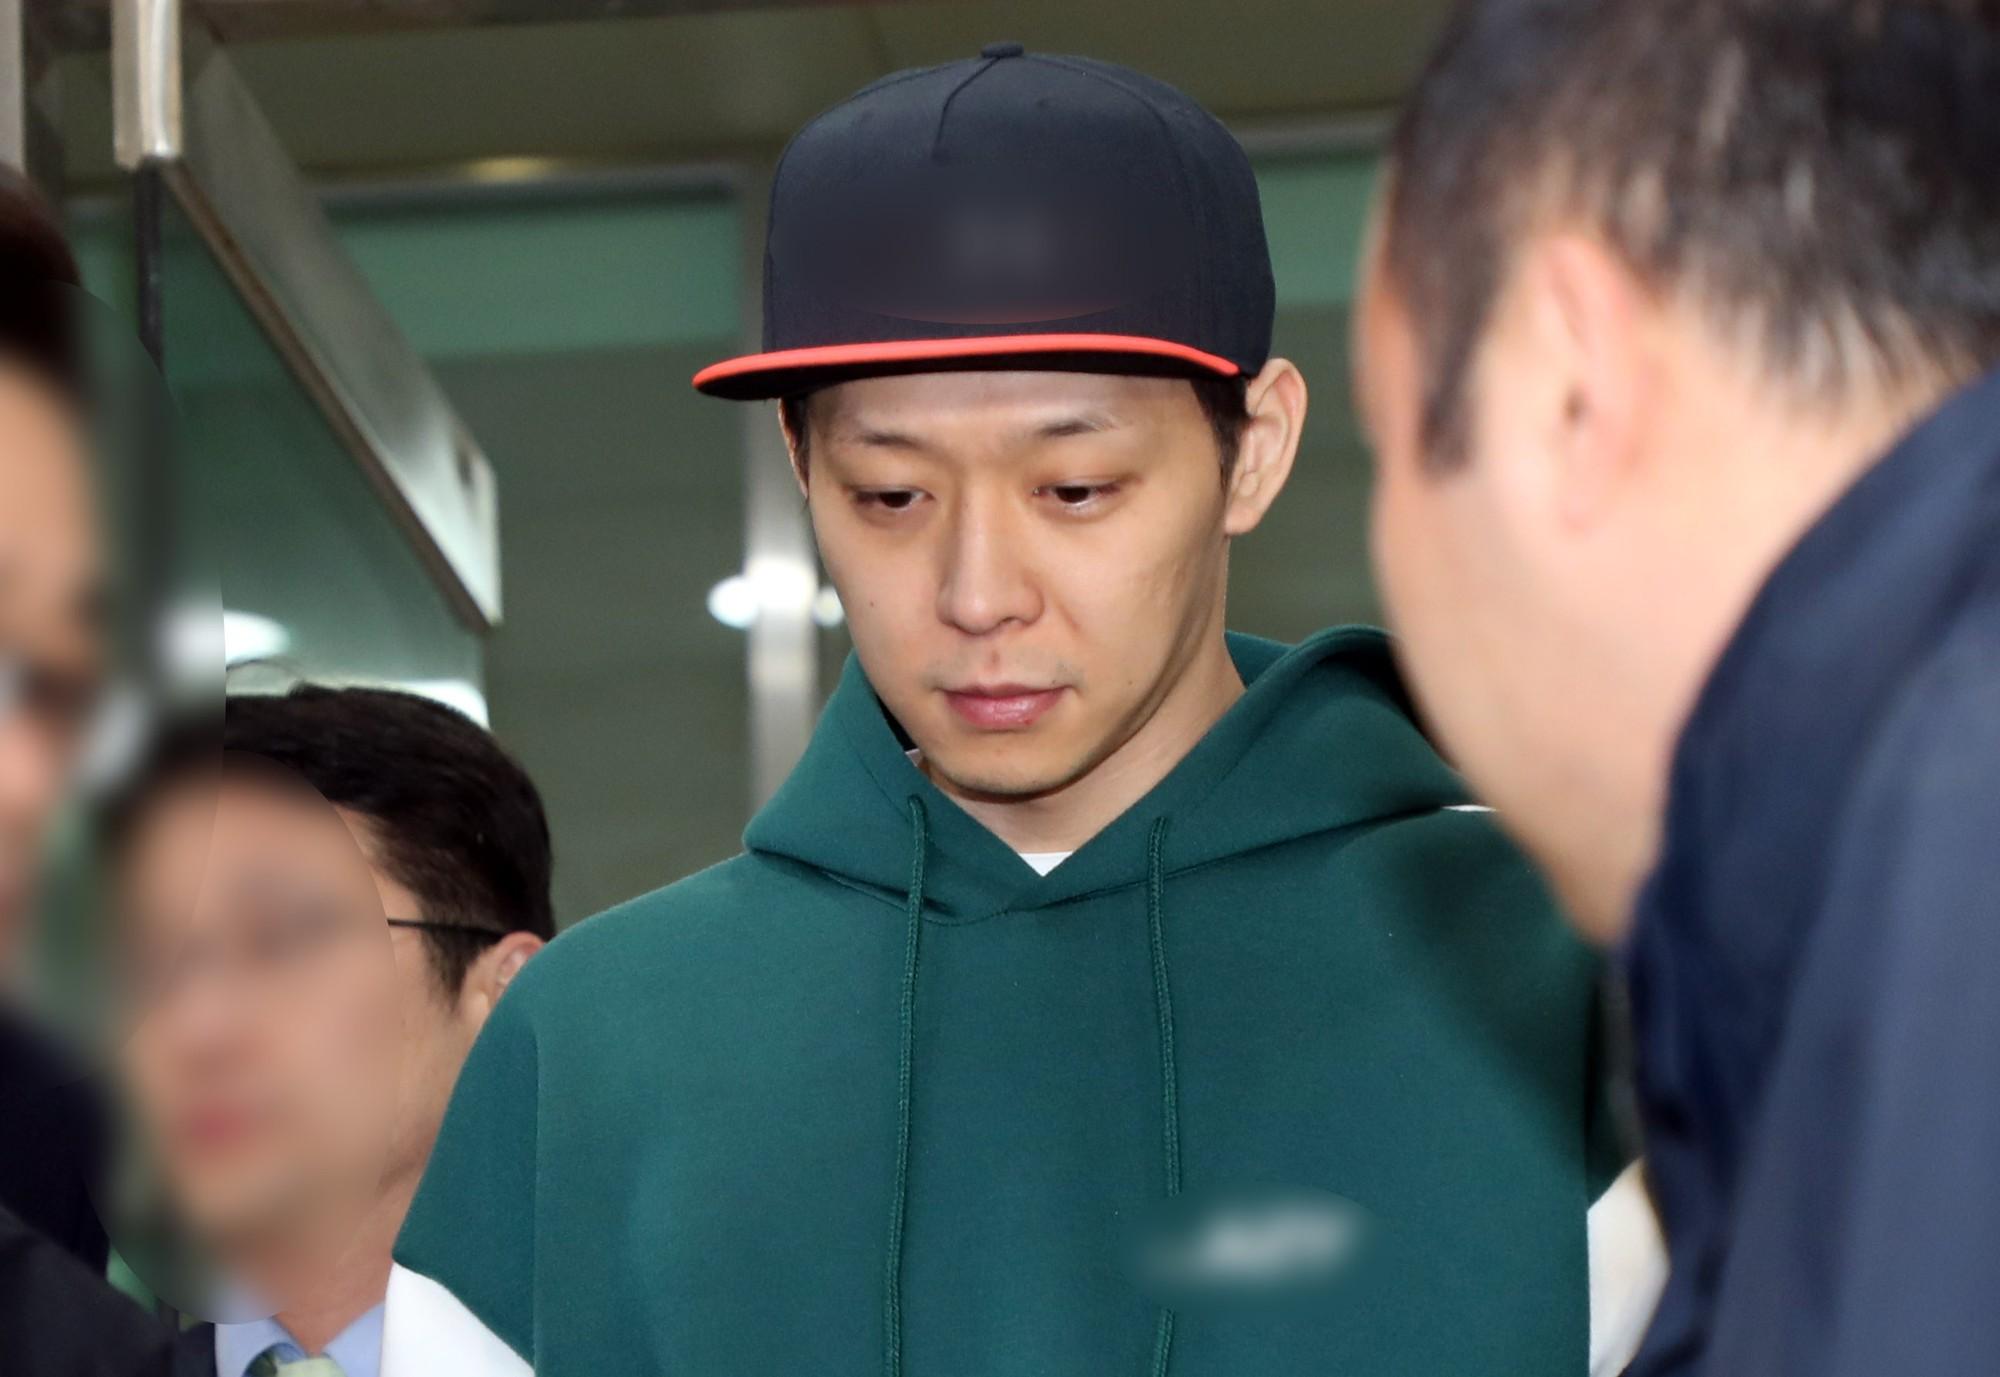 Mặc tâm bão, fan Trung Quốc kiên cường bảo vệ Yoochun, chỉ trích C-JeS bỏ rơi nghệ sĩ lúc khó khăn - Ảnh 4.